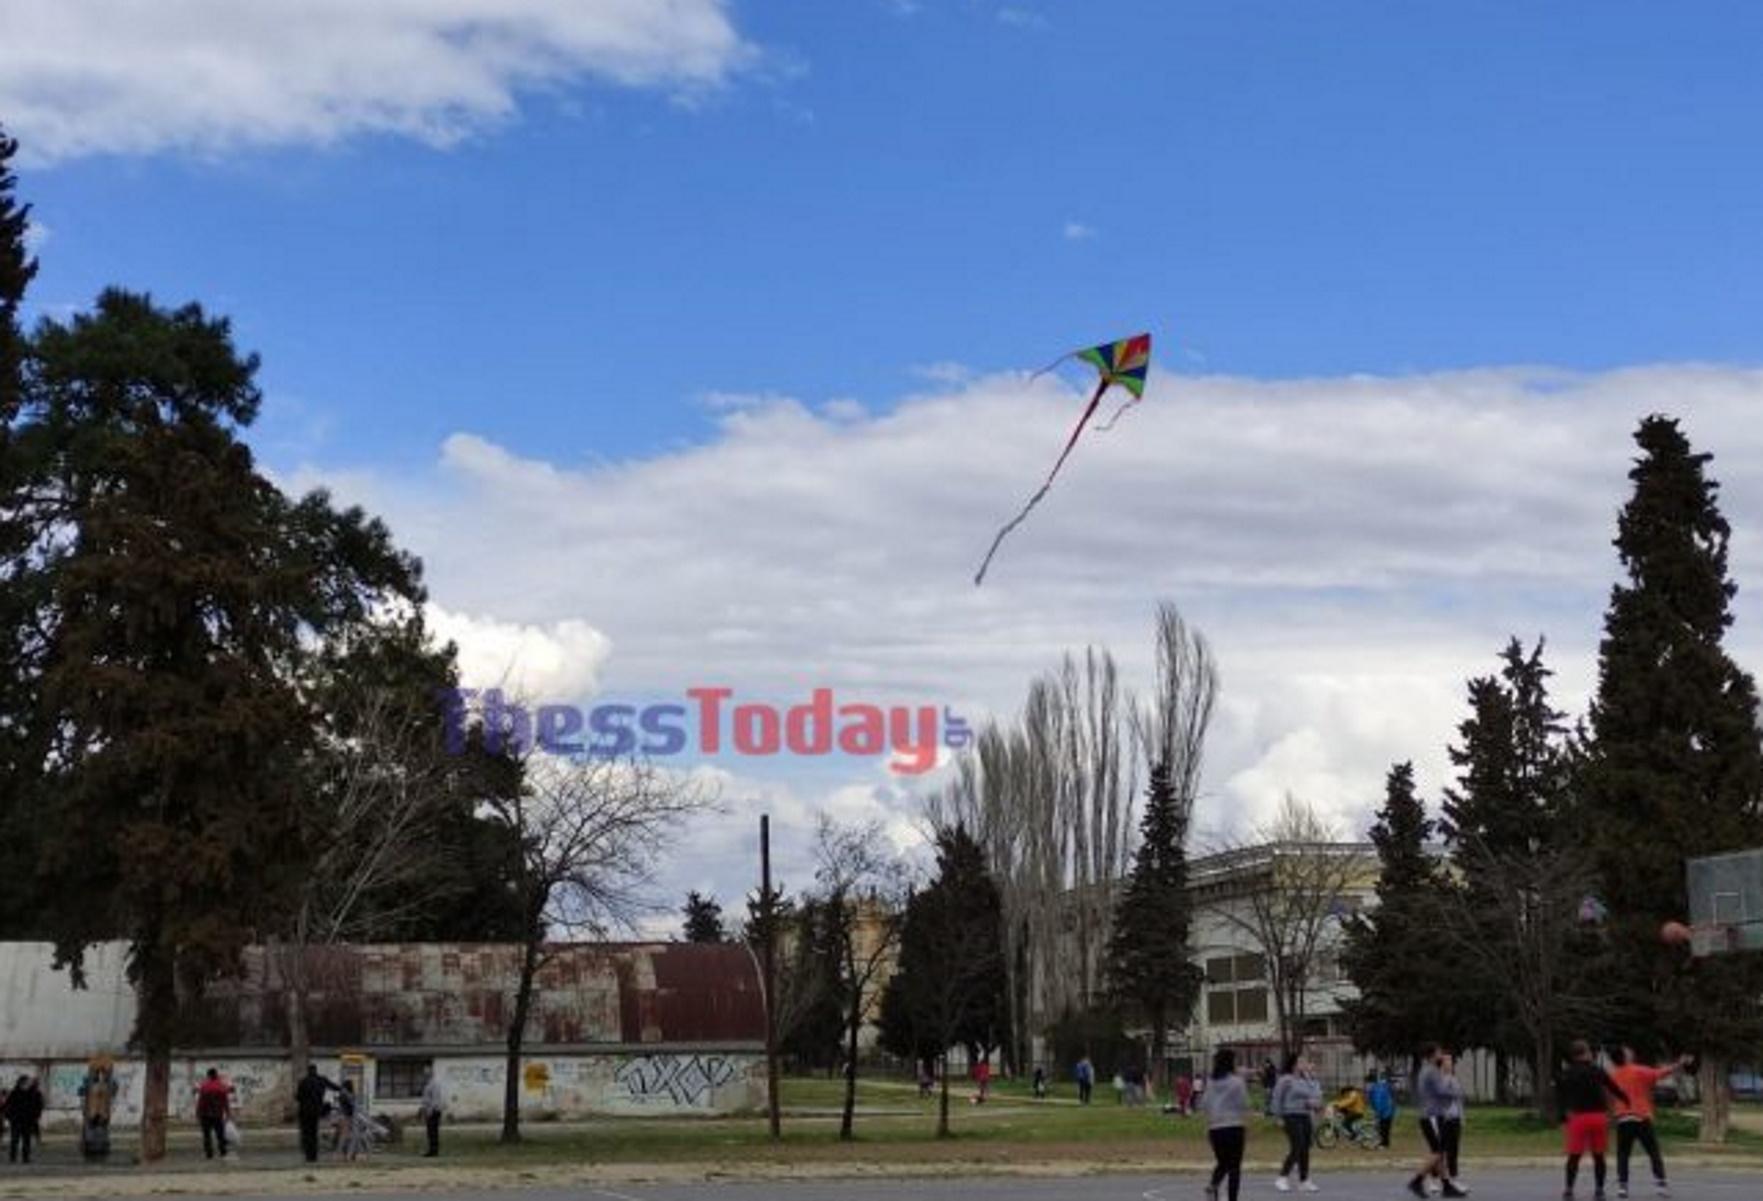 Καθαρά Δευτέρα – Θεσσαλονίκη: Αμόλησαν χαρταετό και έκαναν πικ νικ (pics, vid)